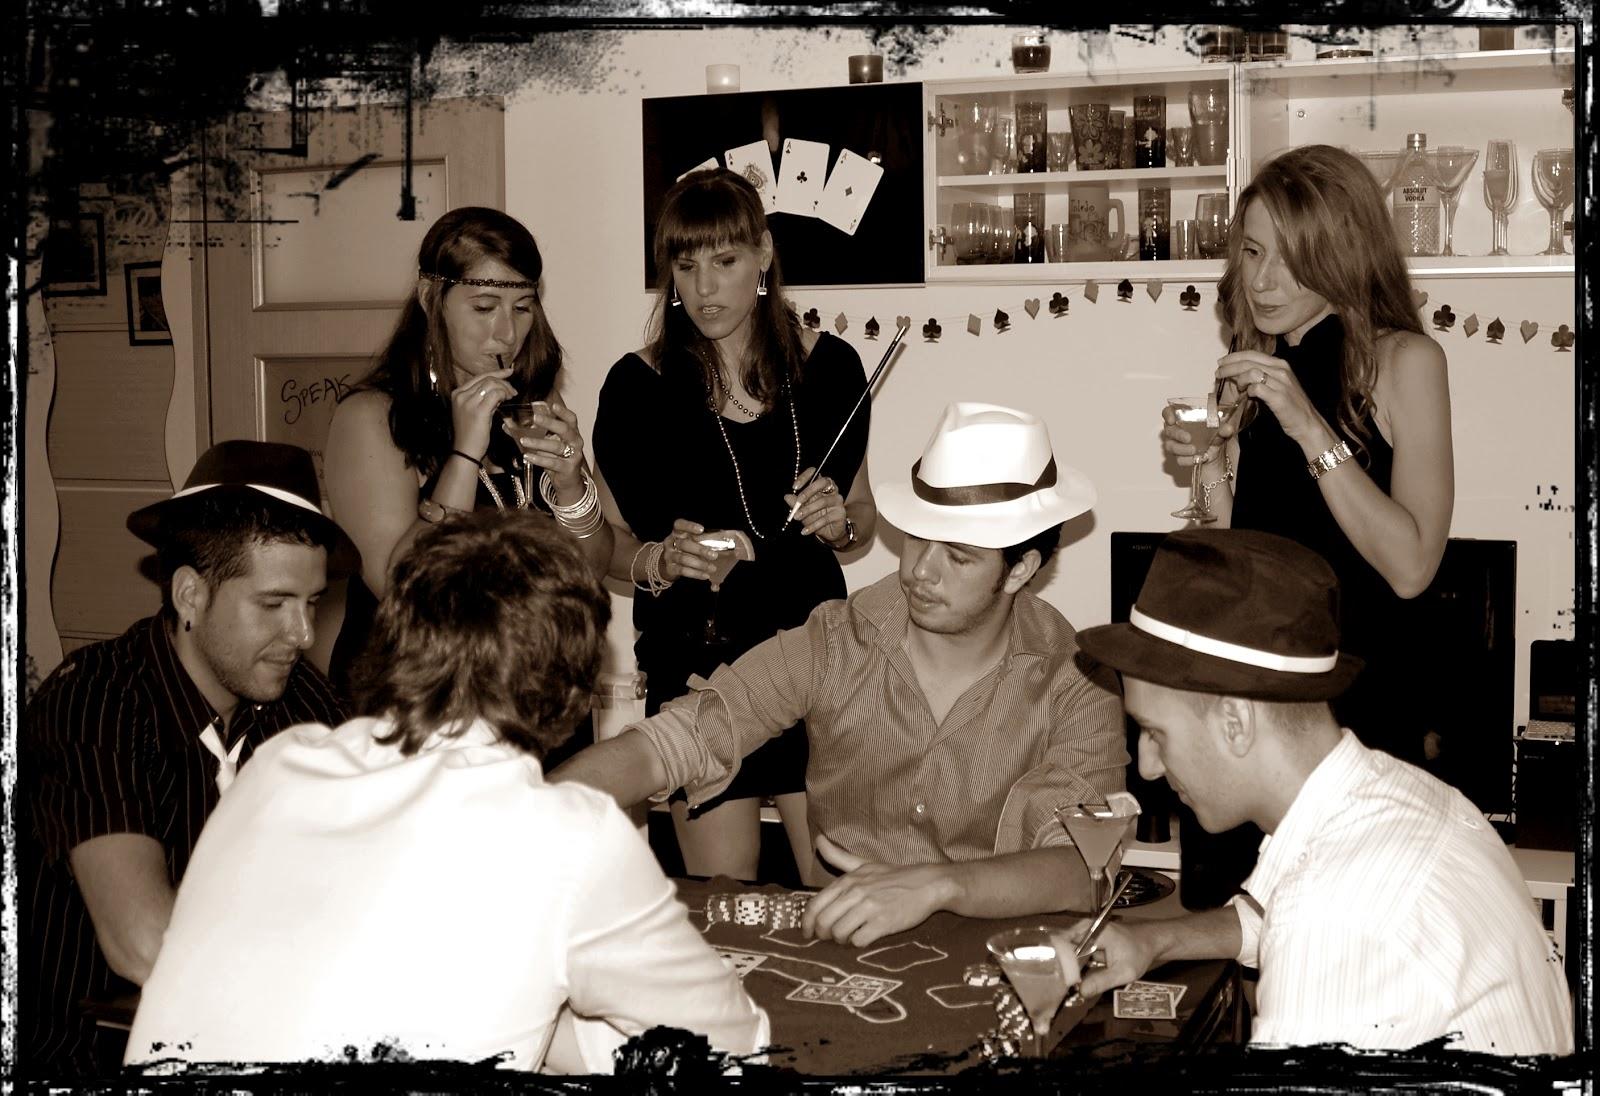 Fun smile factory fiesta casino a os 20 - Fiesta anos 20 ...